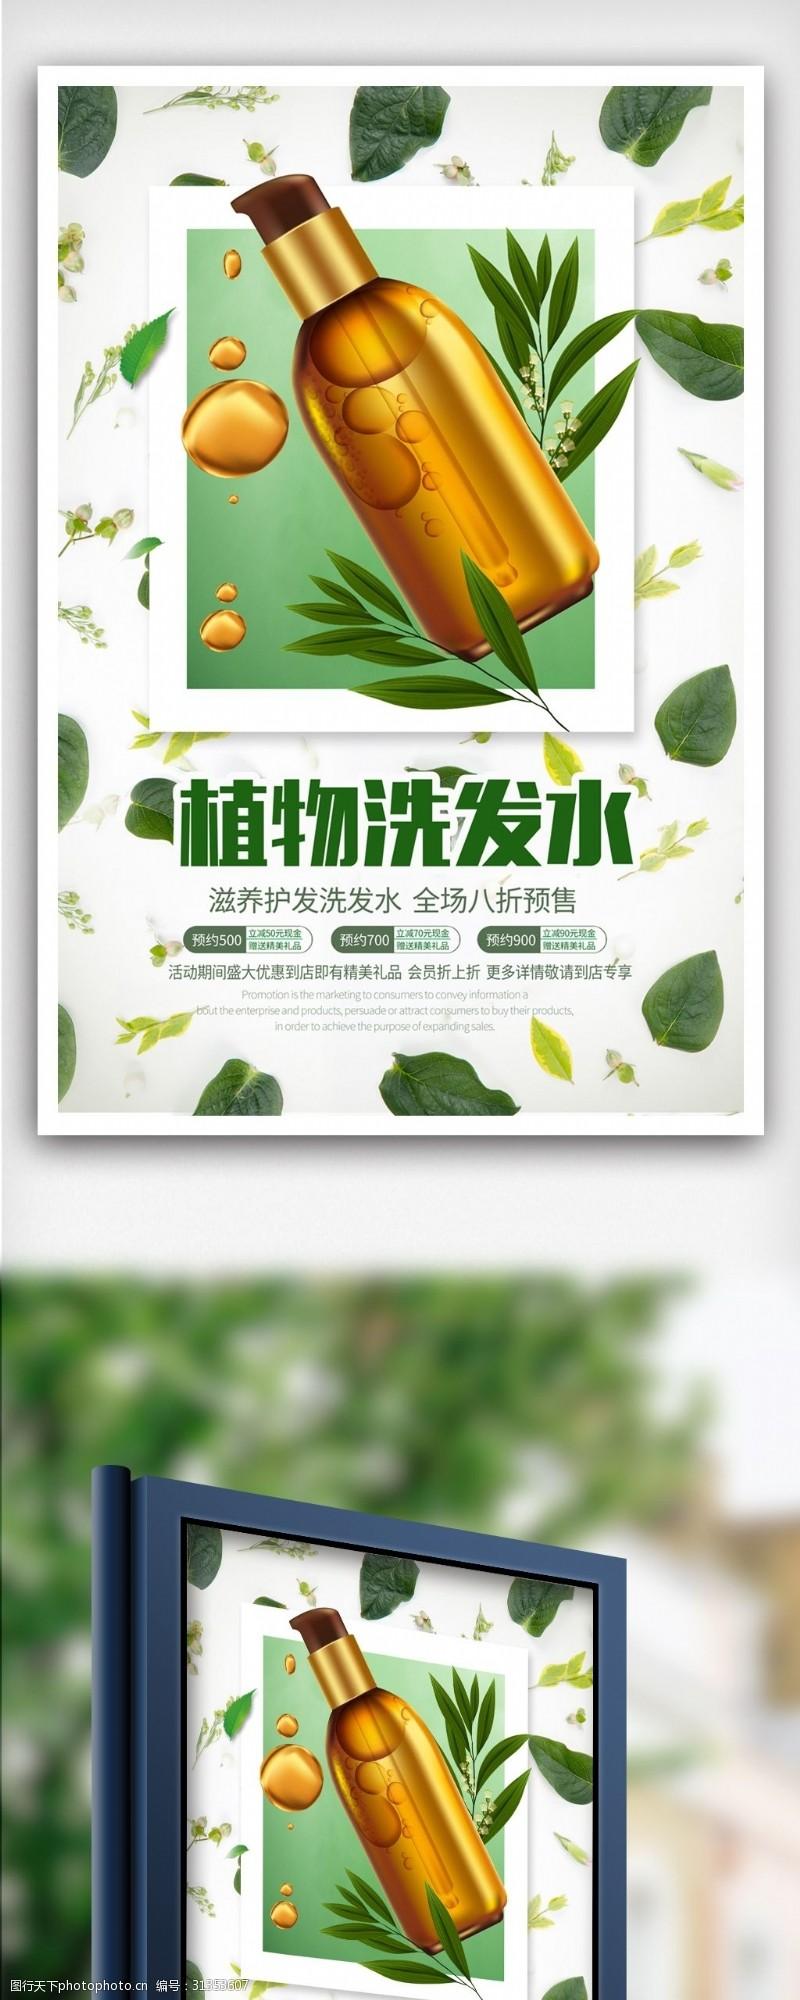 护扶品简约大气植物洗发水促销海报设计